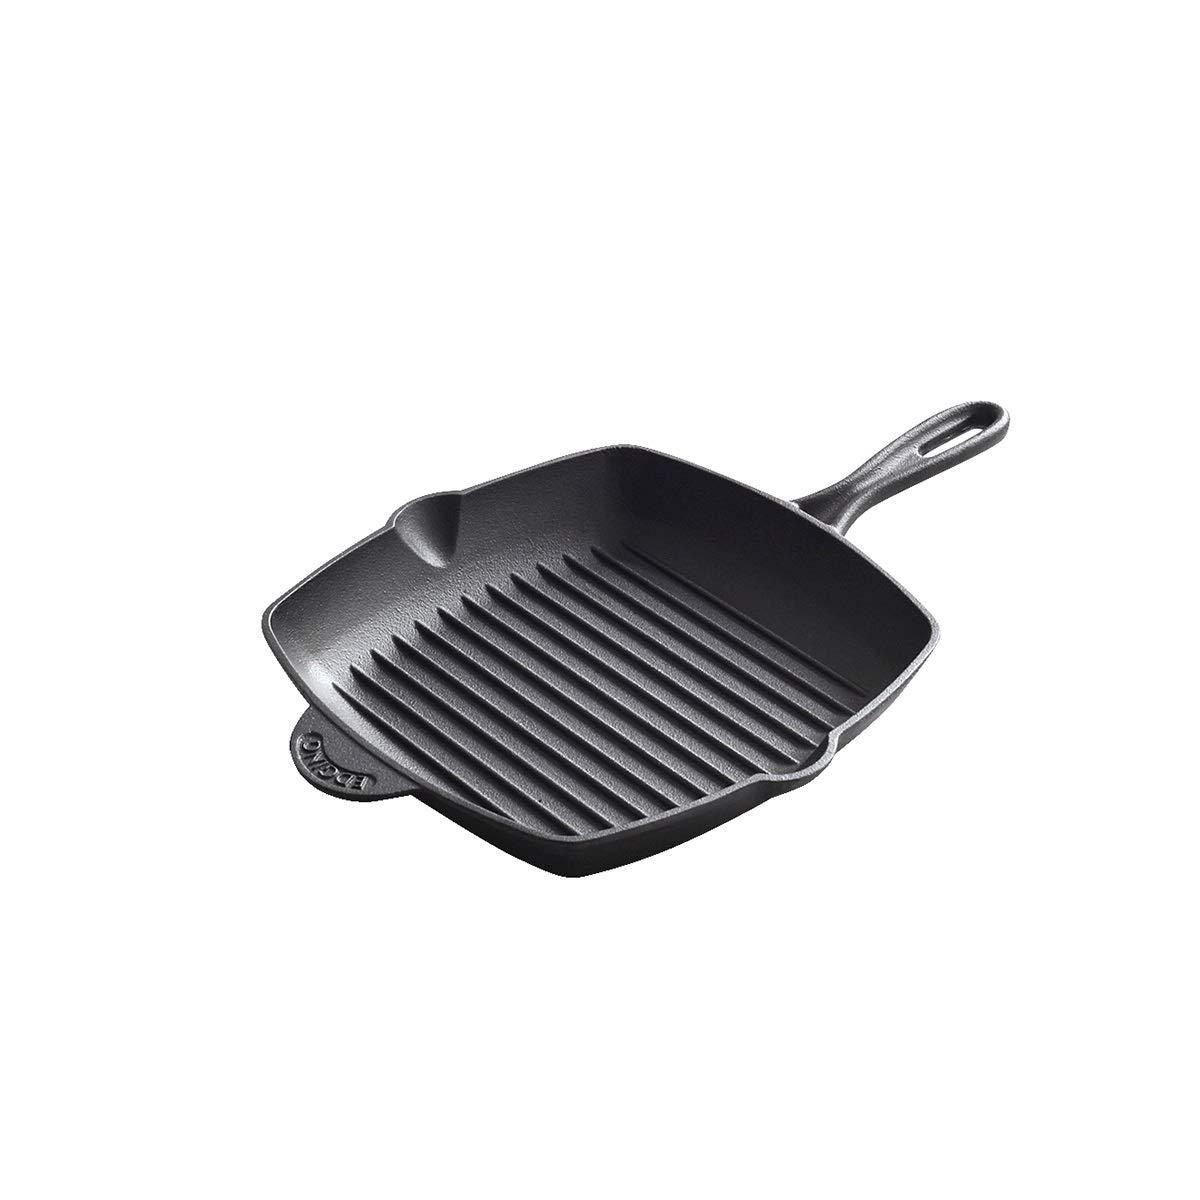 10インチのフライパン、焦げ付き防止のフライパン、ステーキパンのフライパン、フタなし、少ないヒューム、焦げ付き防止の適合フライパン、食器洗い機安全オーブン金庫 (Color : Black, Size : 26cm) 26cm Black B07RPYLP3F